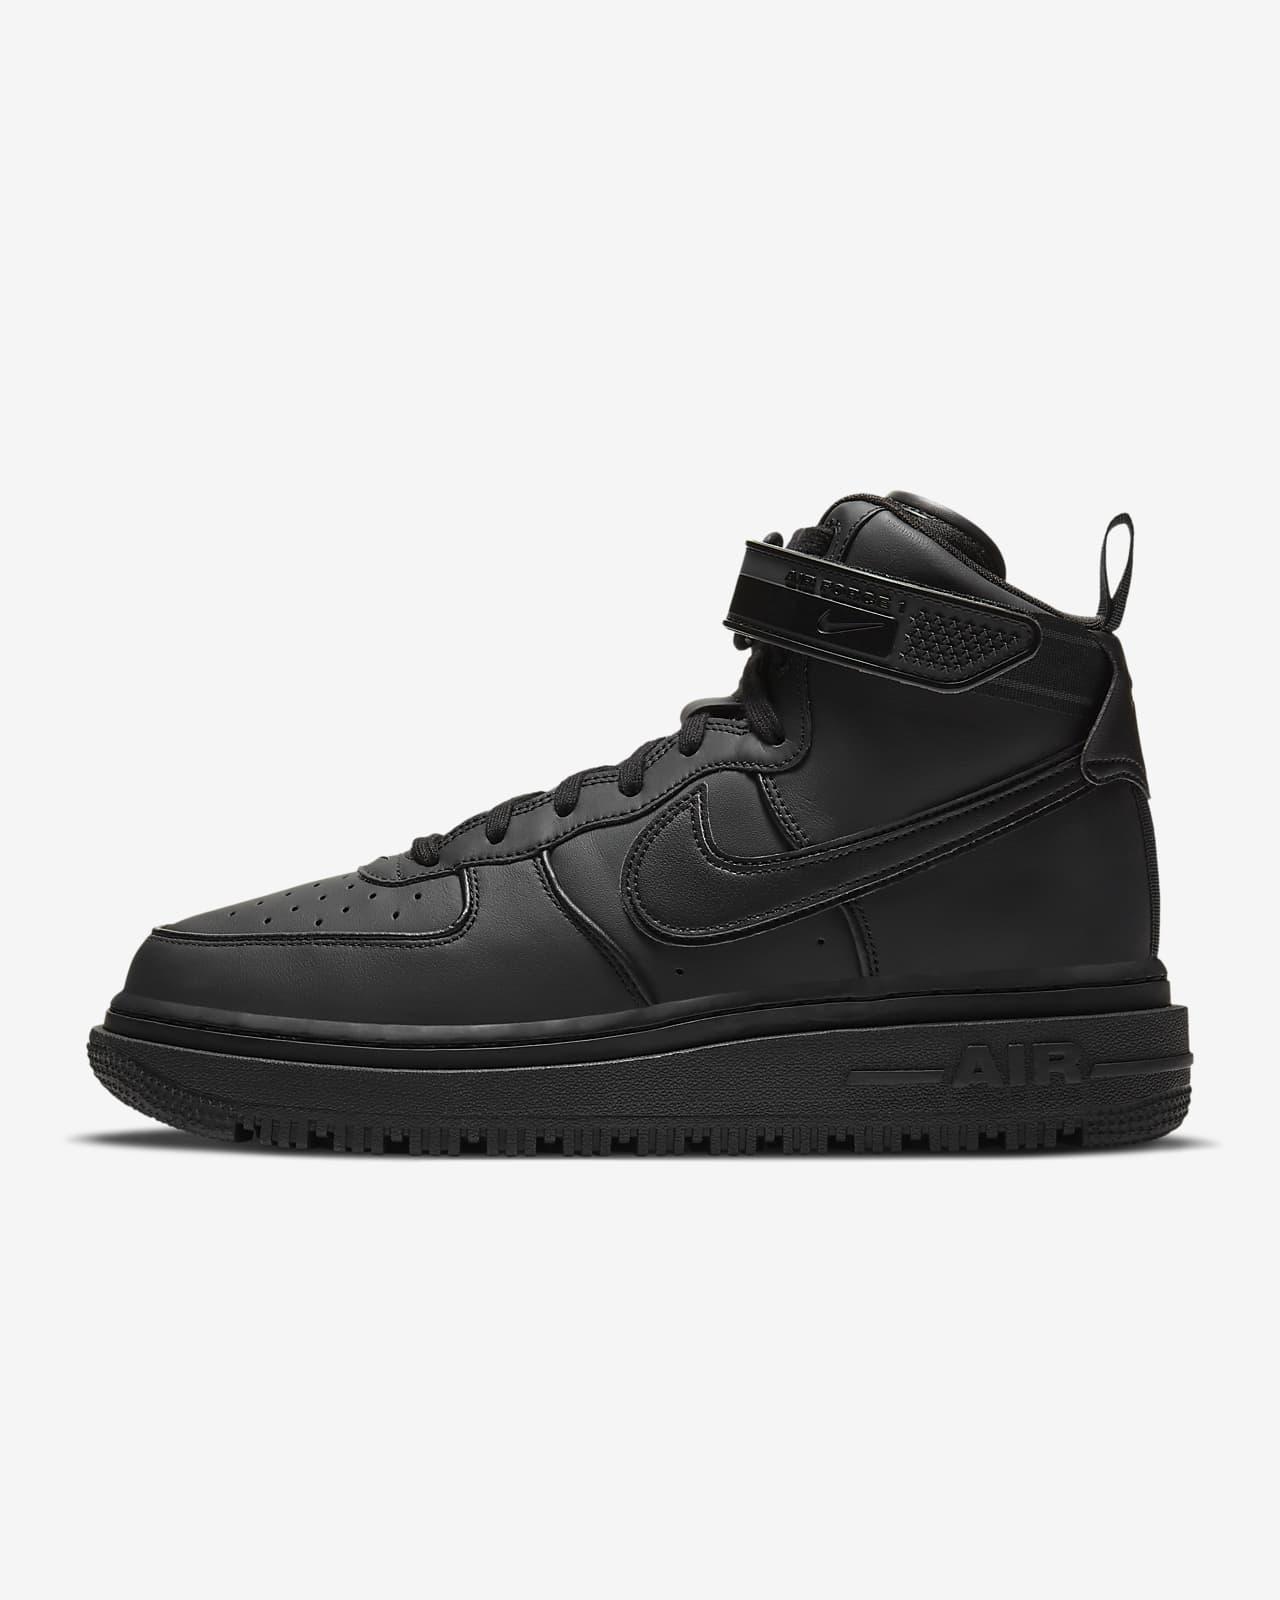 Nike Air Force 1 Men's Boot